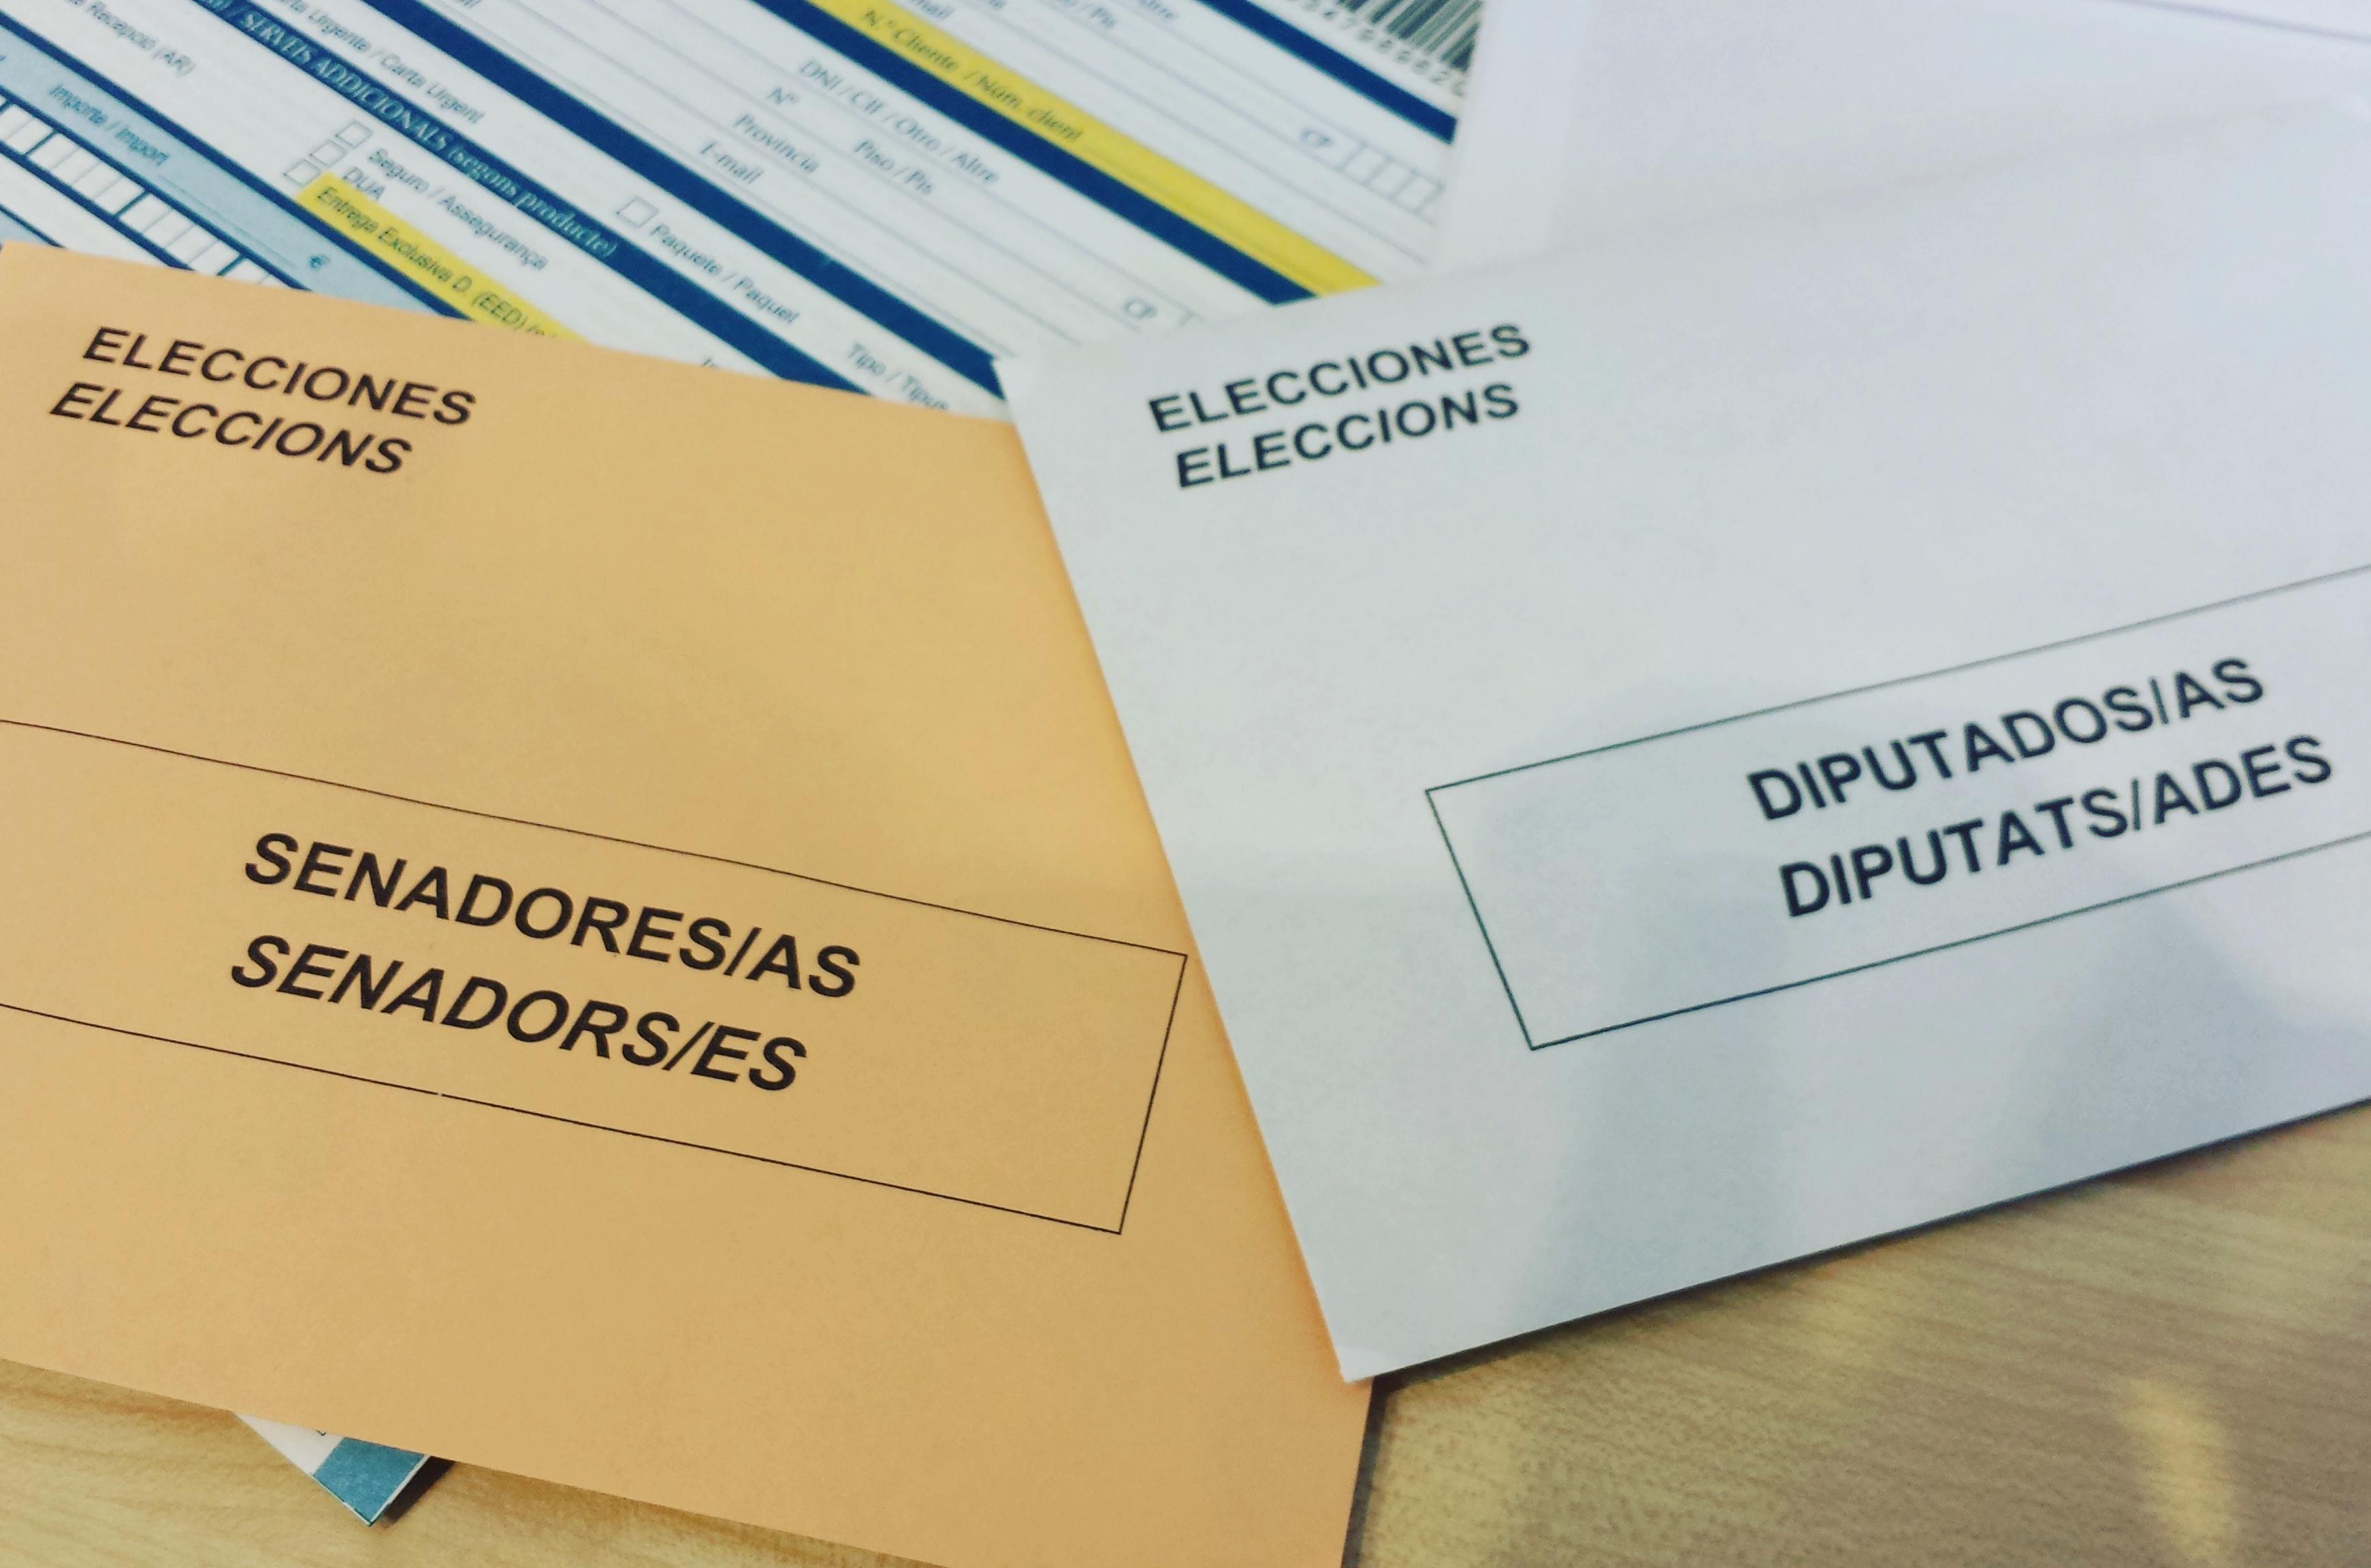 Camps (PP) y Campos (PSPV) en el Congreso y Agustín Almodóbar y Encara Llinares en el Senado repetirán en su escaño